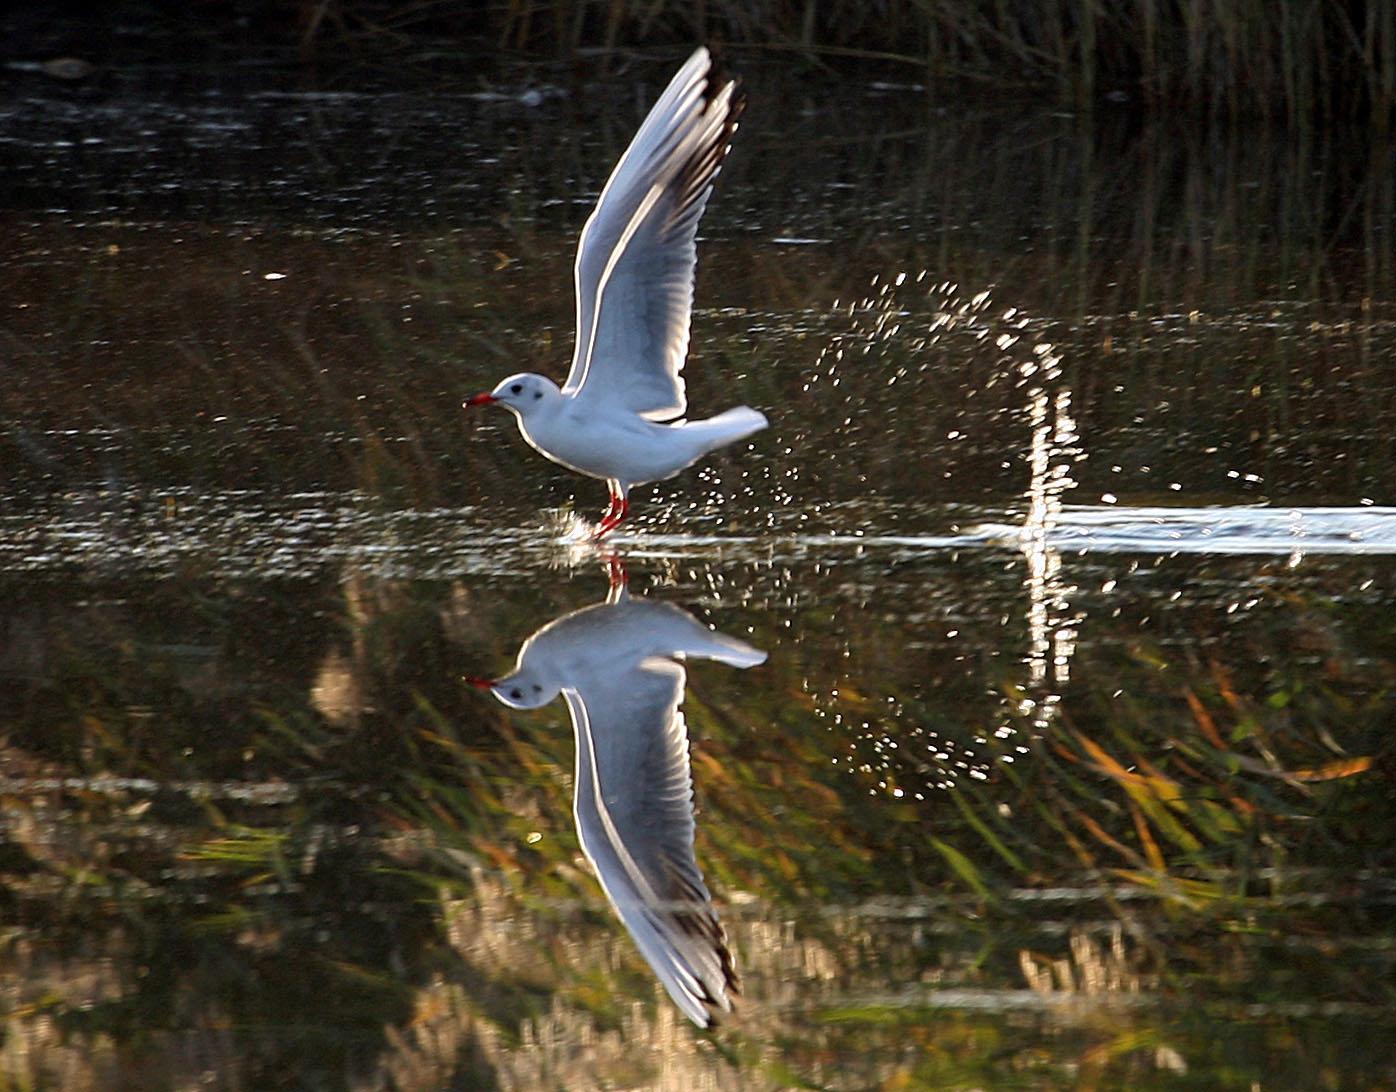 晴天日暖还,老弱病残的红嘴鸥难以离去,形单影只,静静地守护海鸥老人曾经驰骋的道场,回不去海边繁衍生息,报恩祖辈,便用余生报答春城的知遇之恩,等待冬季群体归来。它们飞行累了,会俯下身奚落入水中,心无旁骛地荡来荡去,宛若修炼千年的白衣仙子,守护着修行千年的道场。    题记    红嘴鸥极其可爱,拥有一身洁白的羽毛,有时飞翔在蓝天之上,有时静浮于碧水之巅。缓缓游动,泛起阵阵涟漪,细细微微的,如同身上水波片片的羽毛。飞翔于蓝天之上,眼睛如宝石般晶光闪闪。在探视中,发现一团可口的小面包,便会扑翅奔向它,并